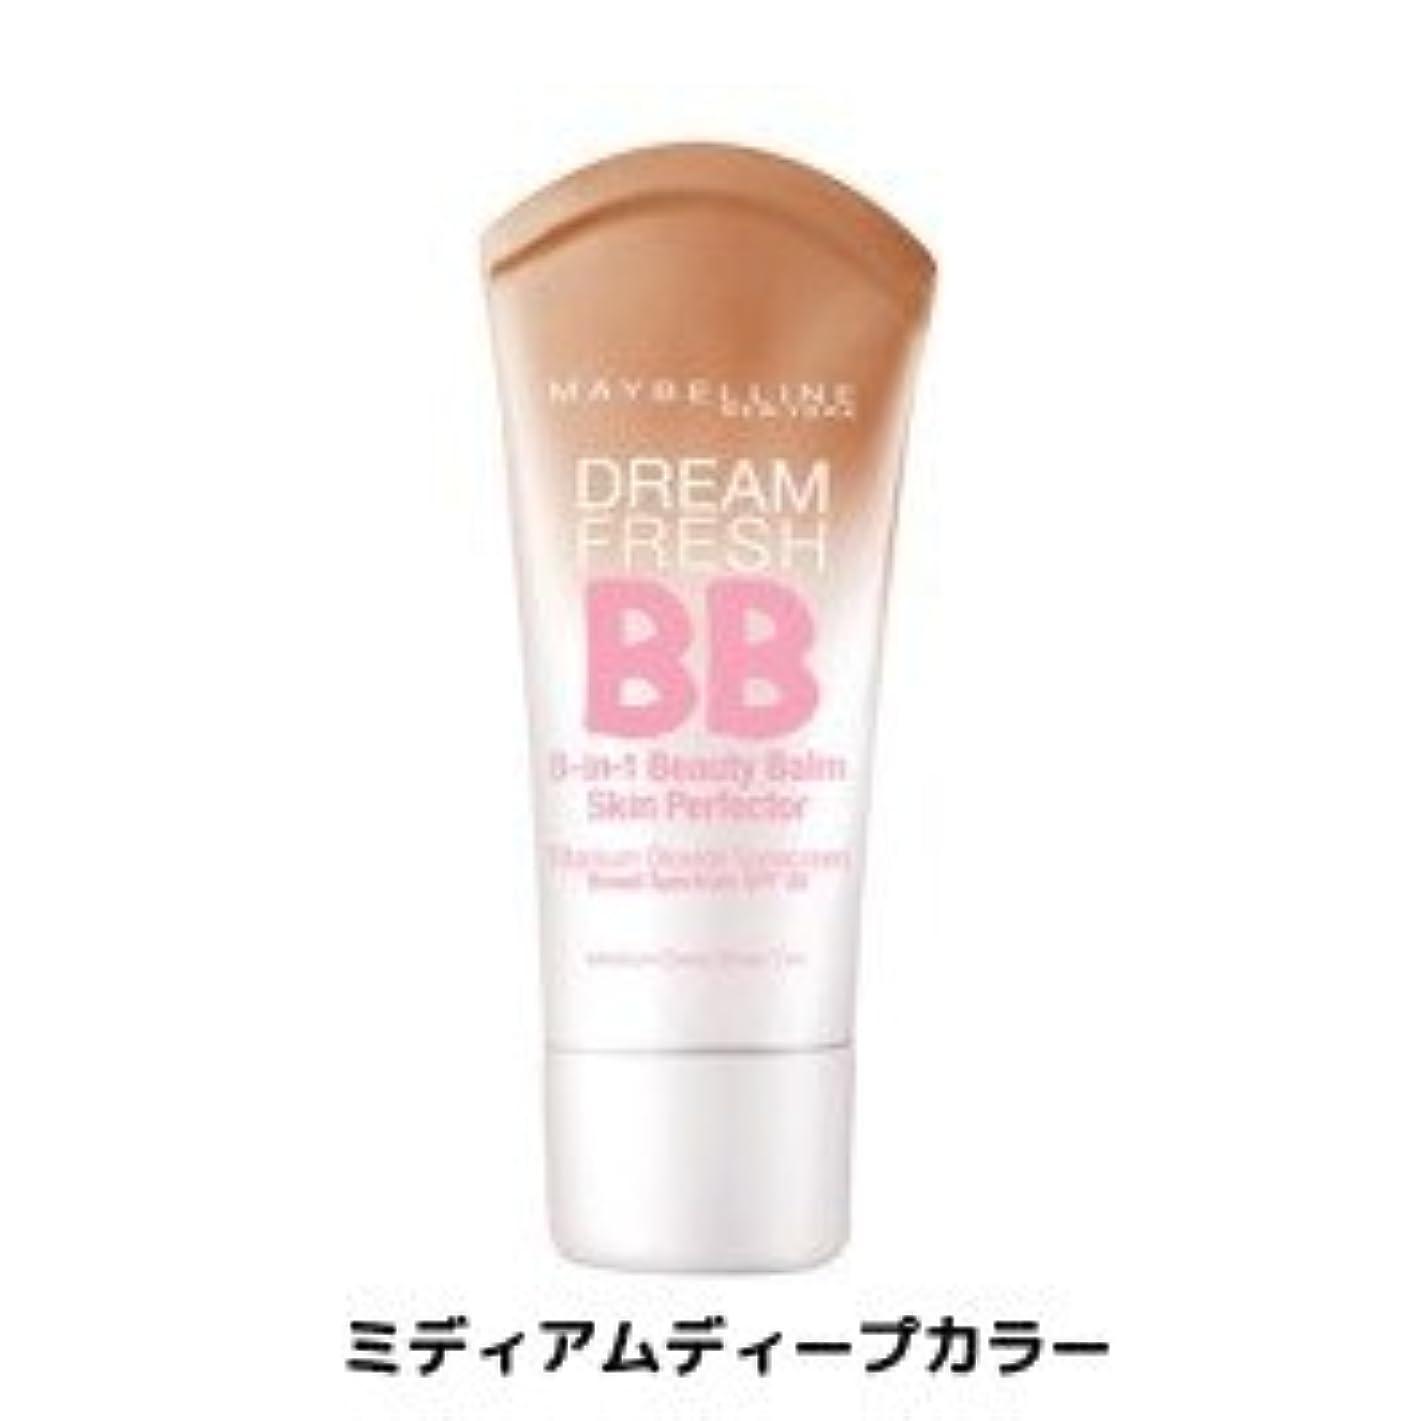 ピケ柔和想像力メイベリン BBクリーム  SPF 30*Maybelline Dream Fresh BB Cream 30ml【平行輸入品】 (ミディアムディープカラー)